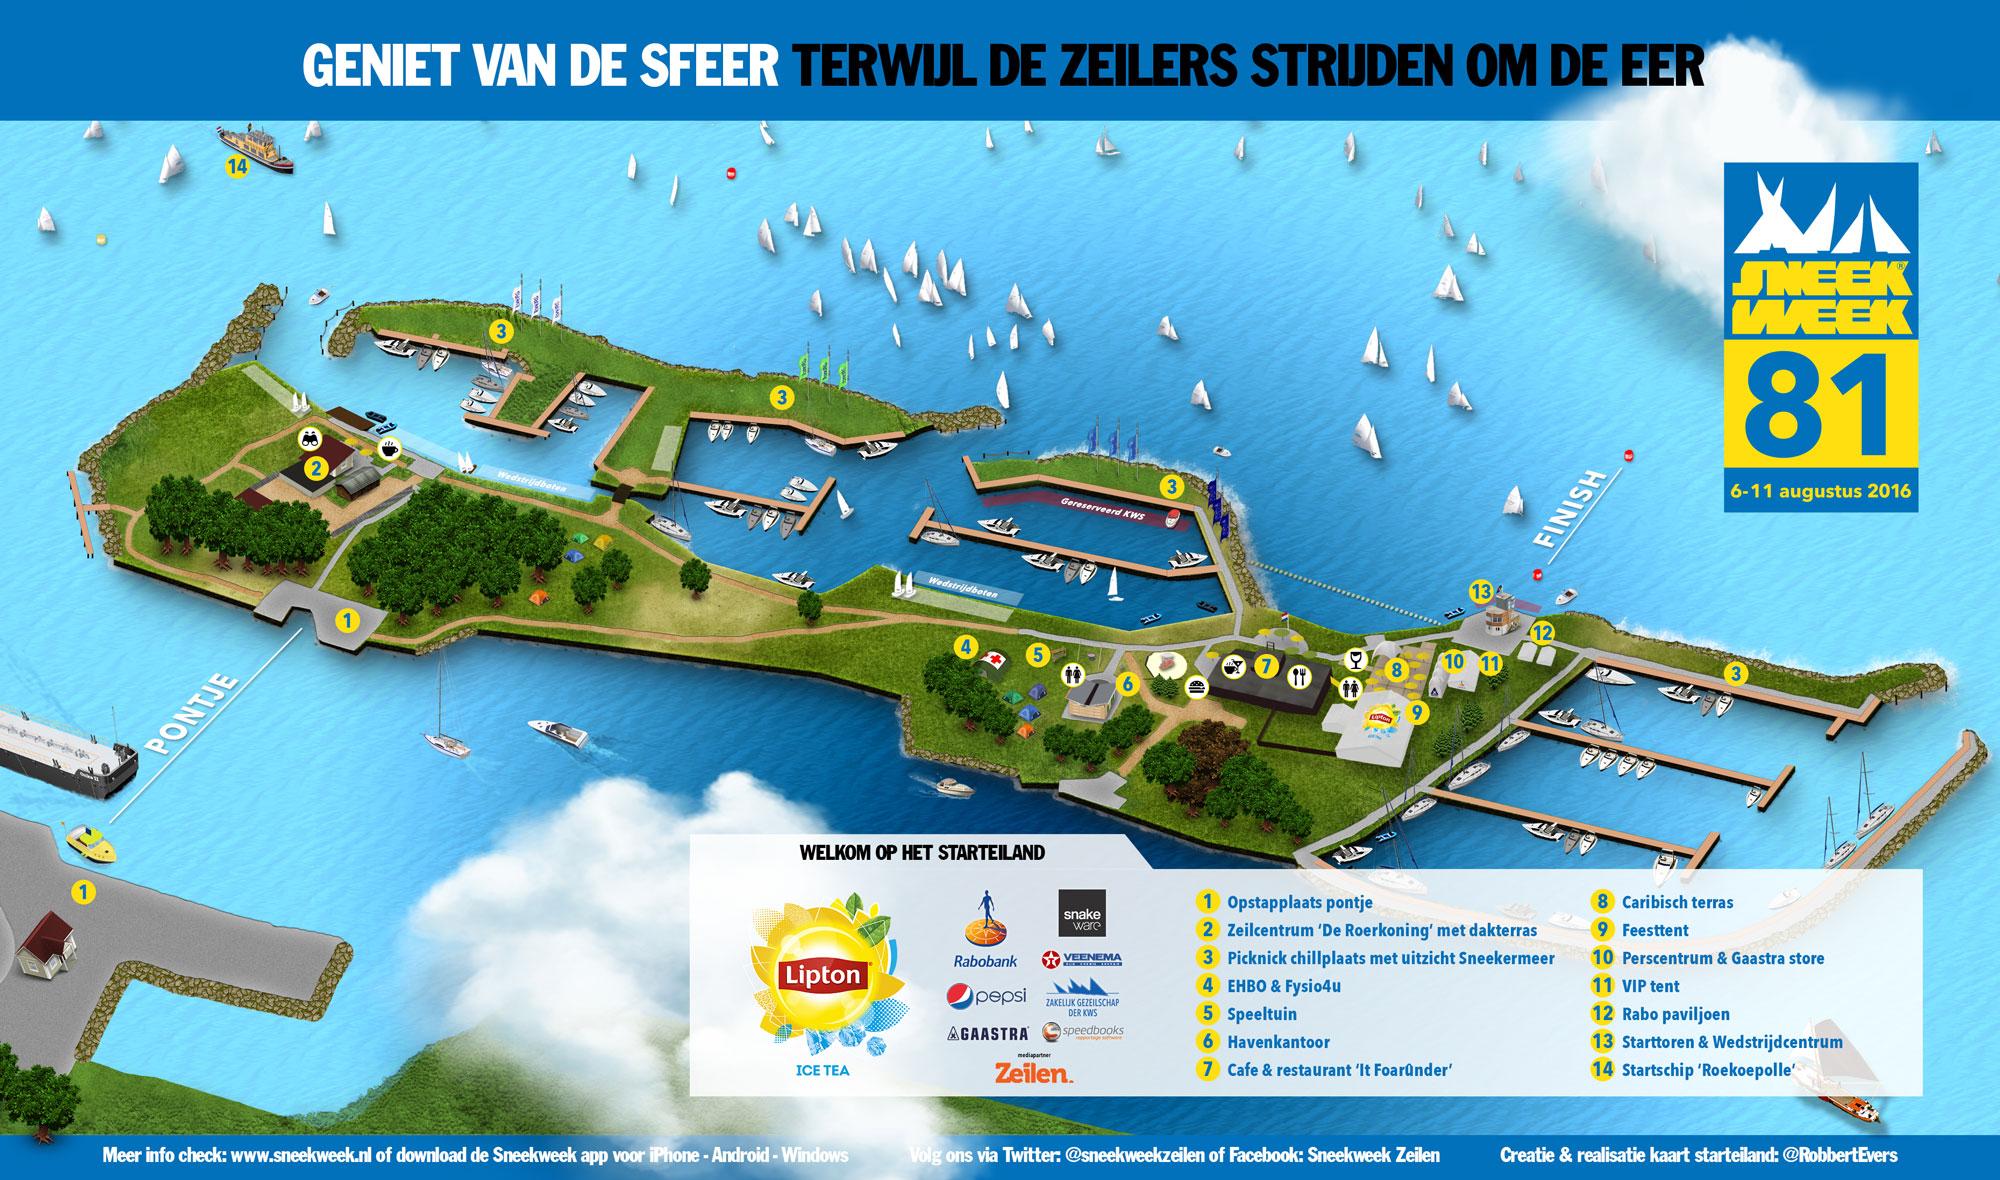 Dit botenfestijn vindt plaats op het 'Starteiland' op het Sneekermeer